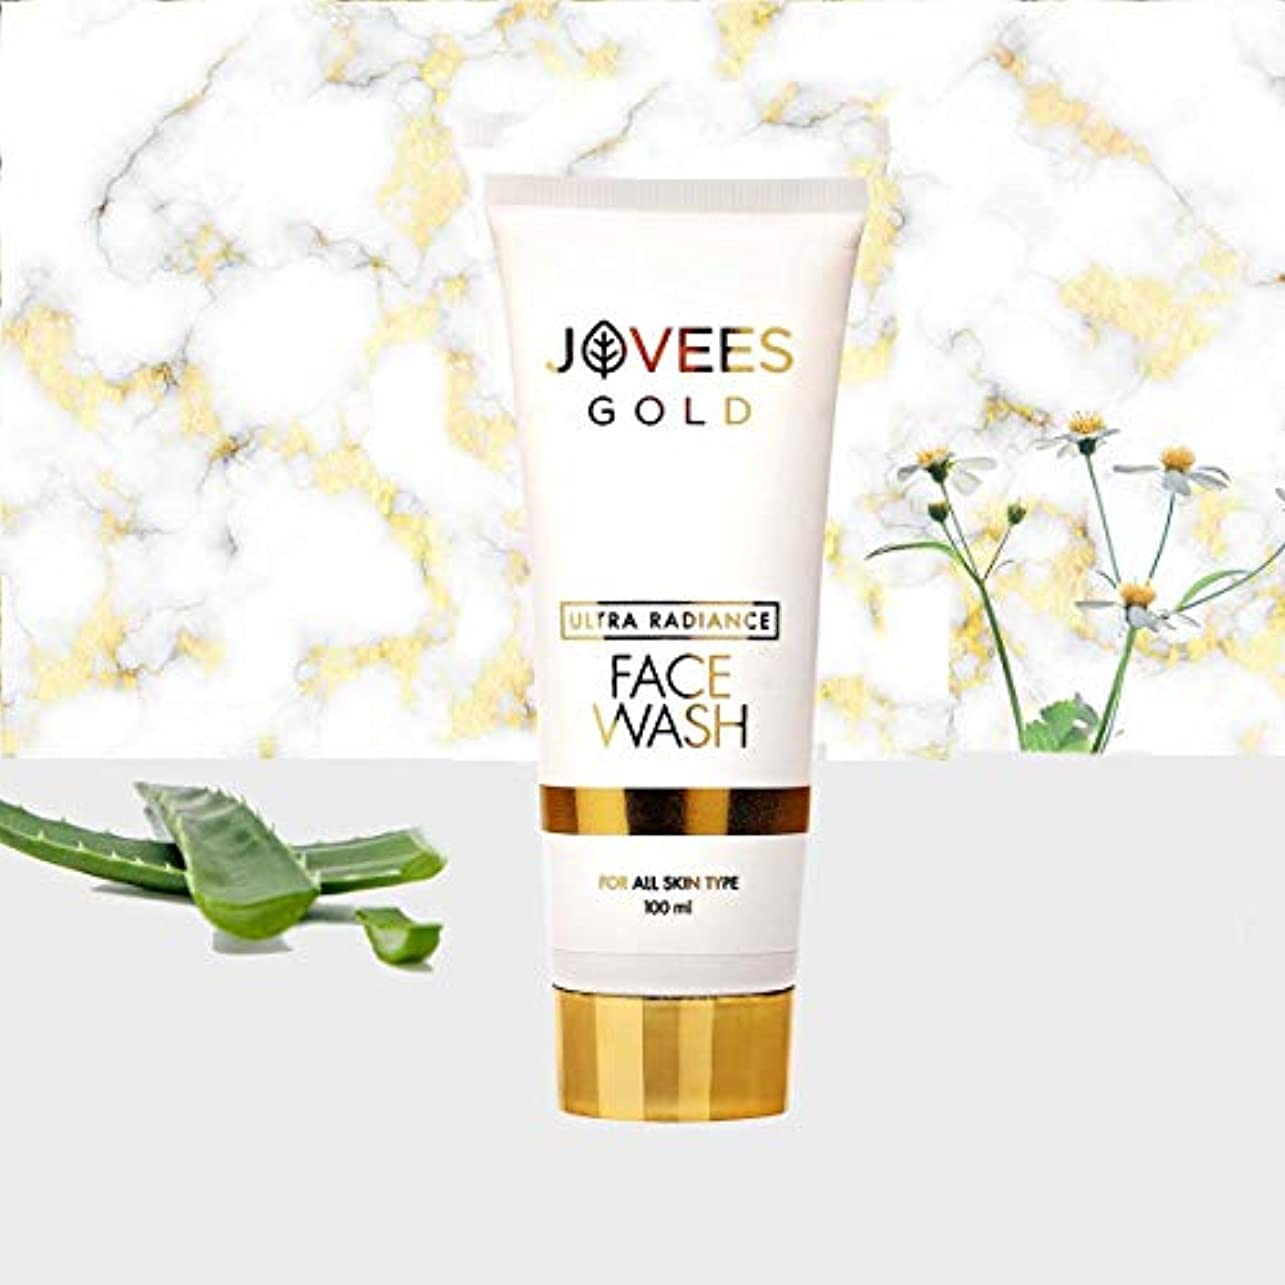 熟読する建設まっすぐにするJovees Ultra Radiance 24K Gold Face Wash 100ml to help bring glow and radiance 輝きと輝きをもたらすのを助けるためにJovees Ultra...